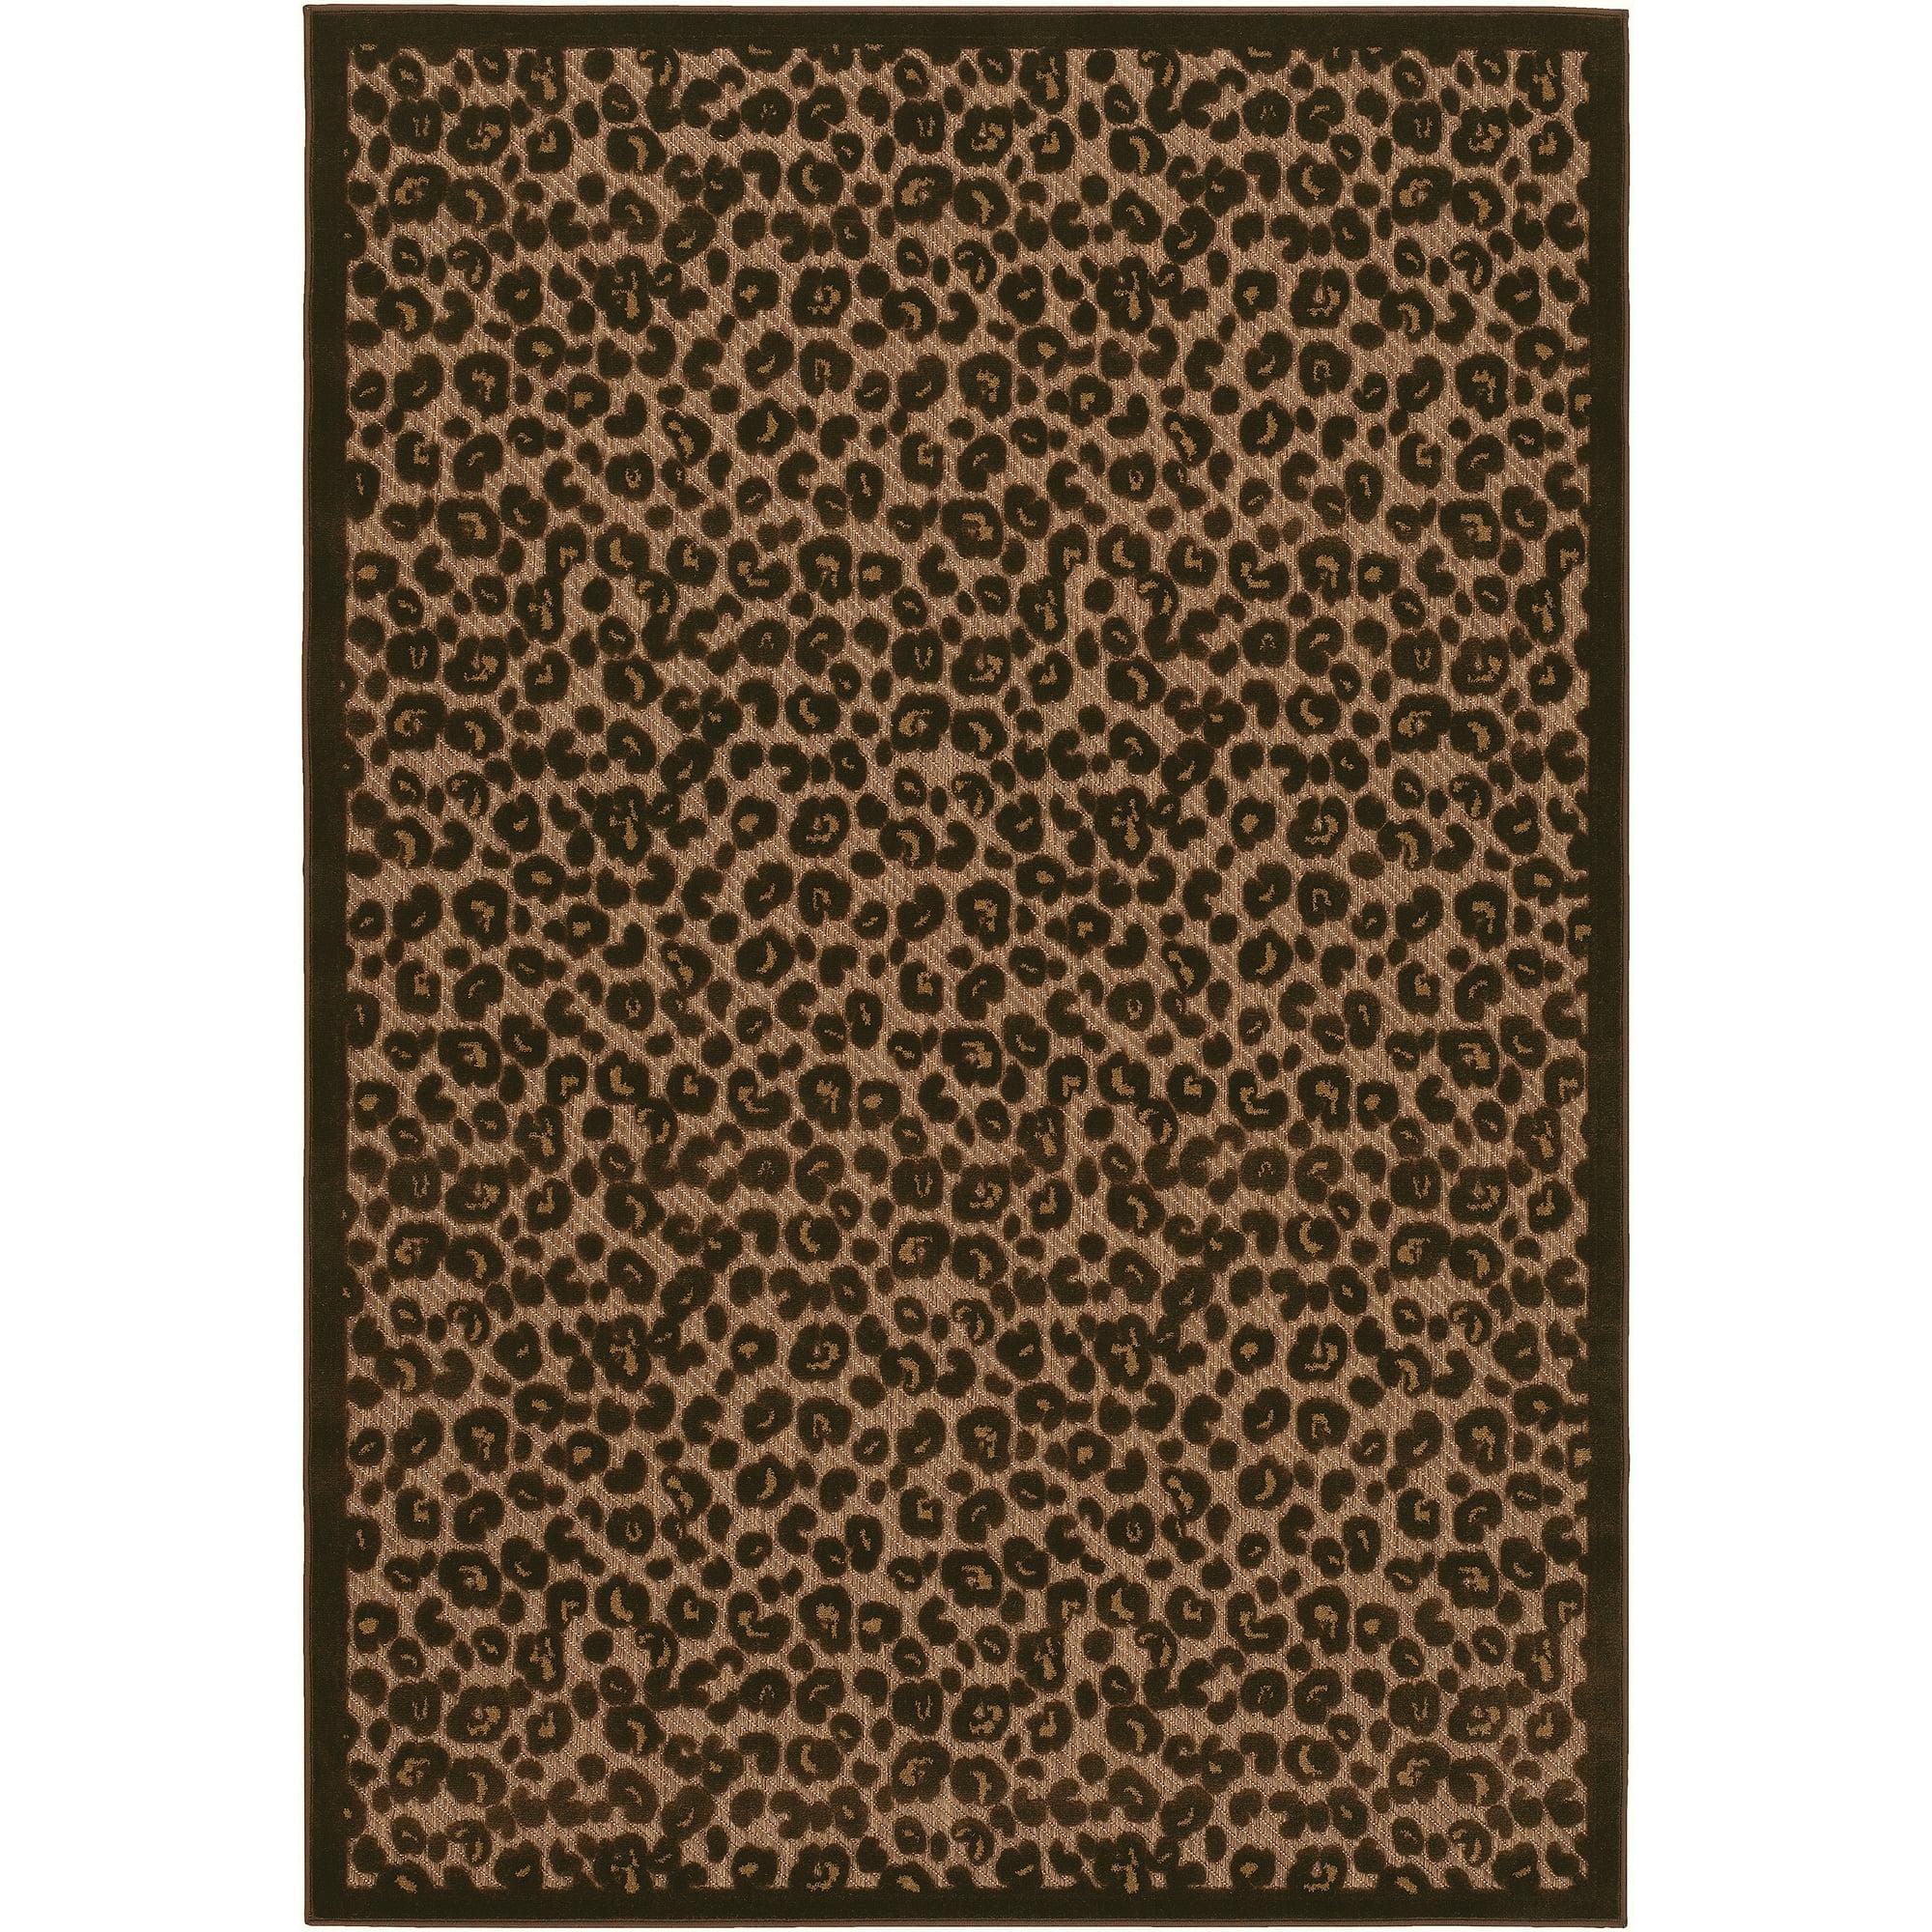 Leopard Print Indoor/Outdoor Rug